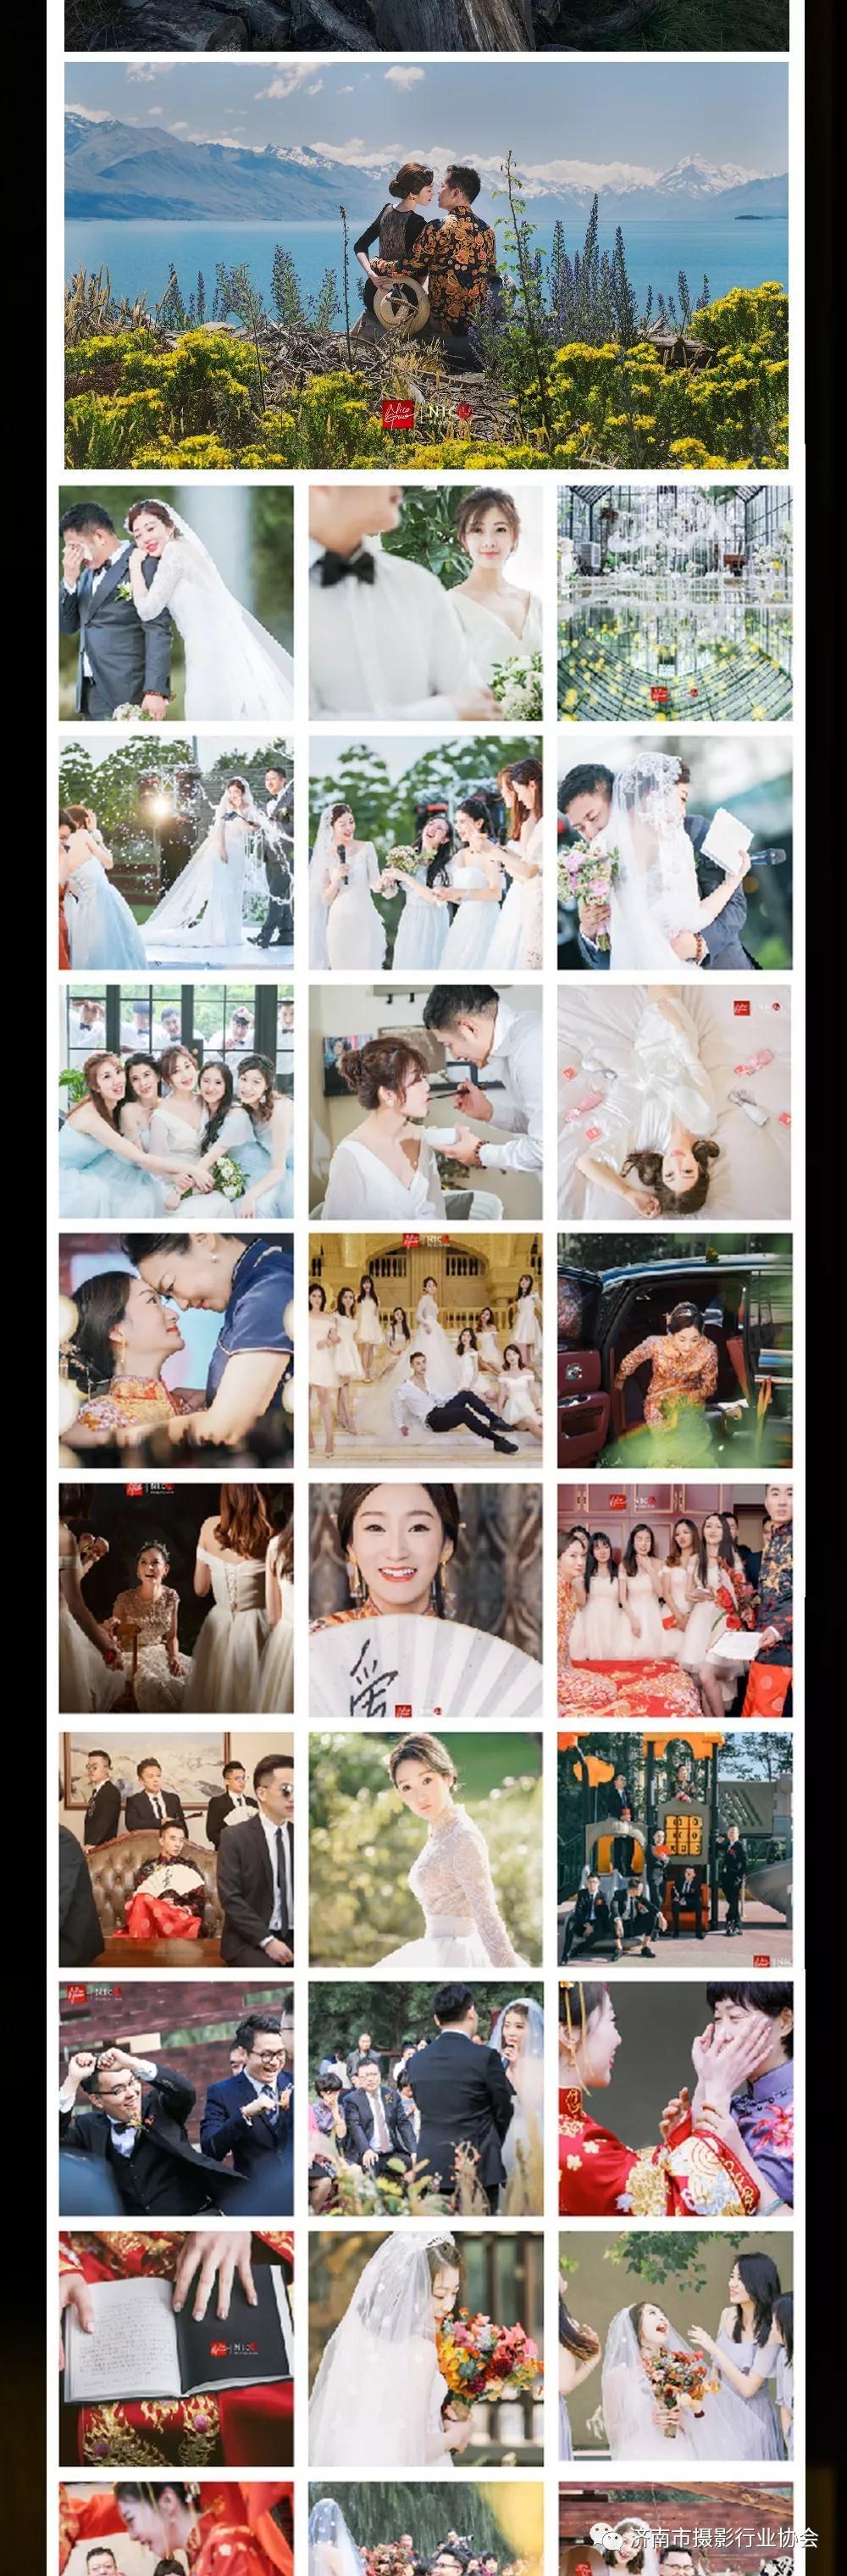 山东盛市摄影行业协会特邀顶级婚礼摄影大师郭珺莅临济南